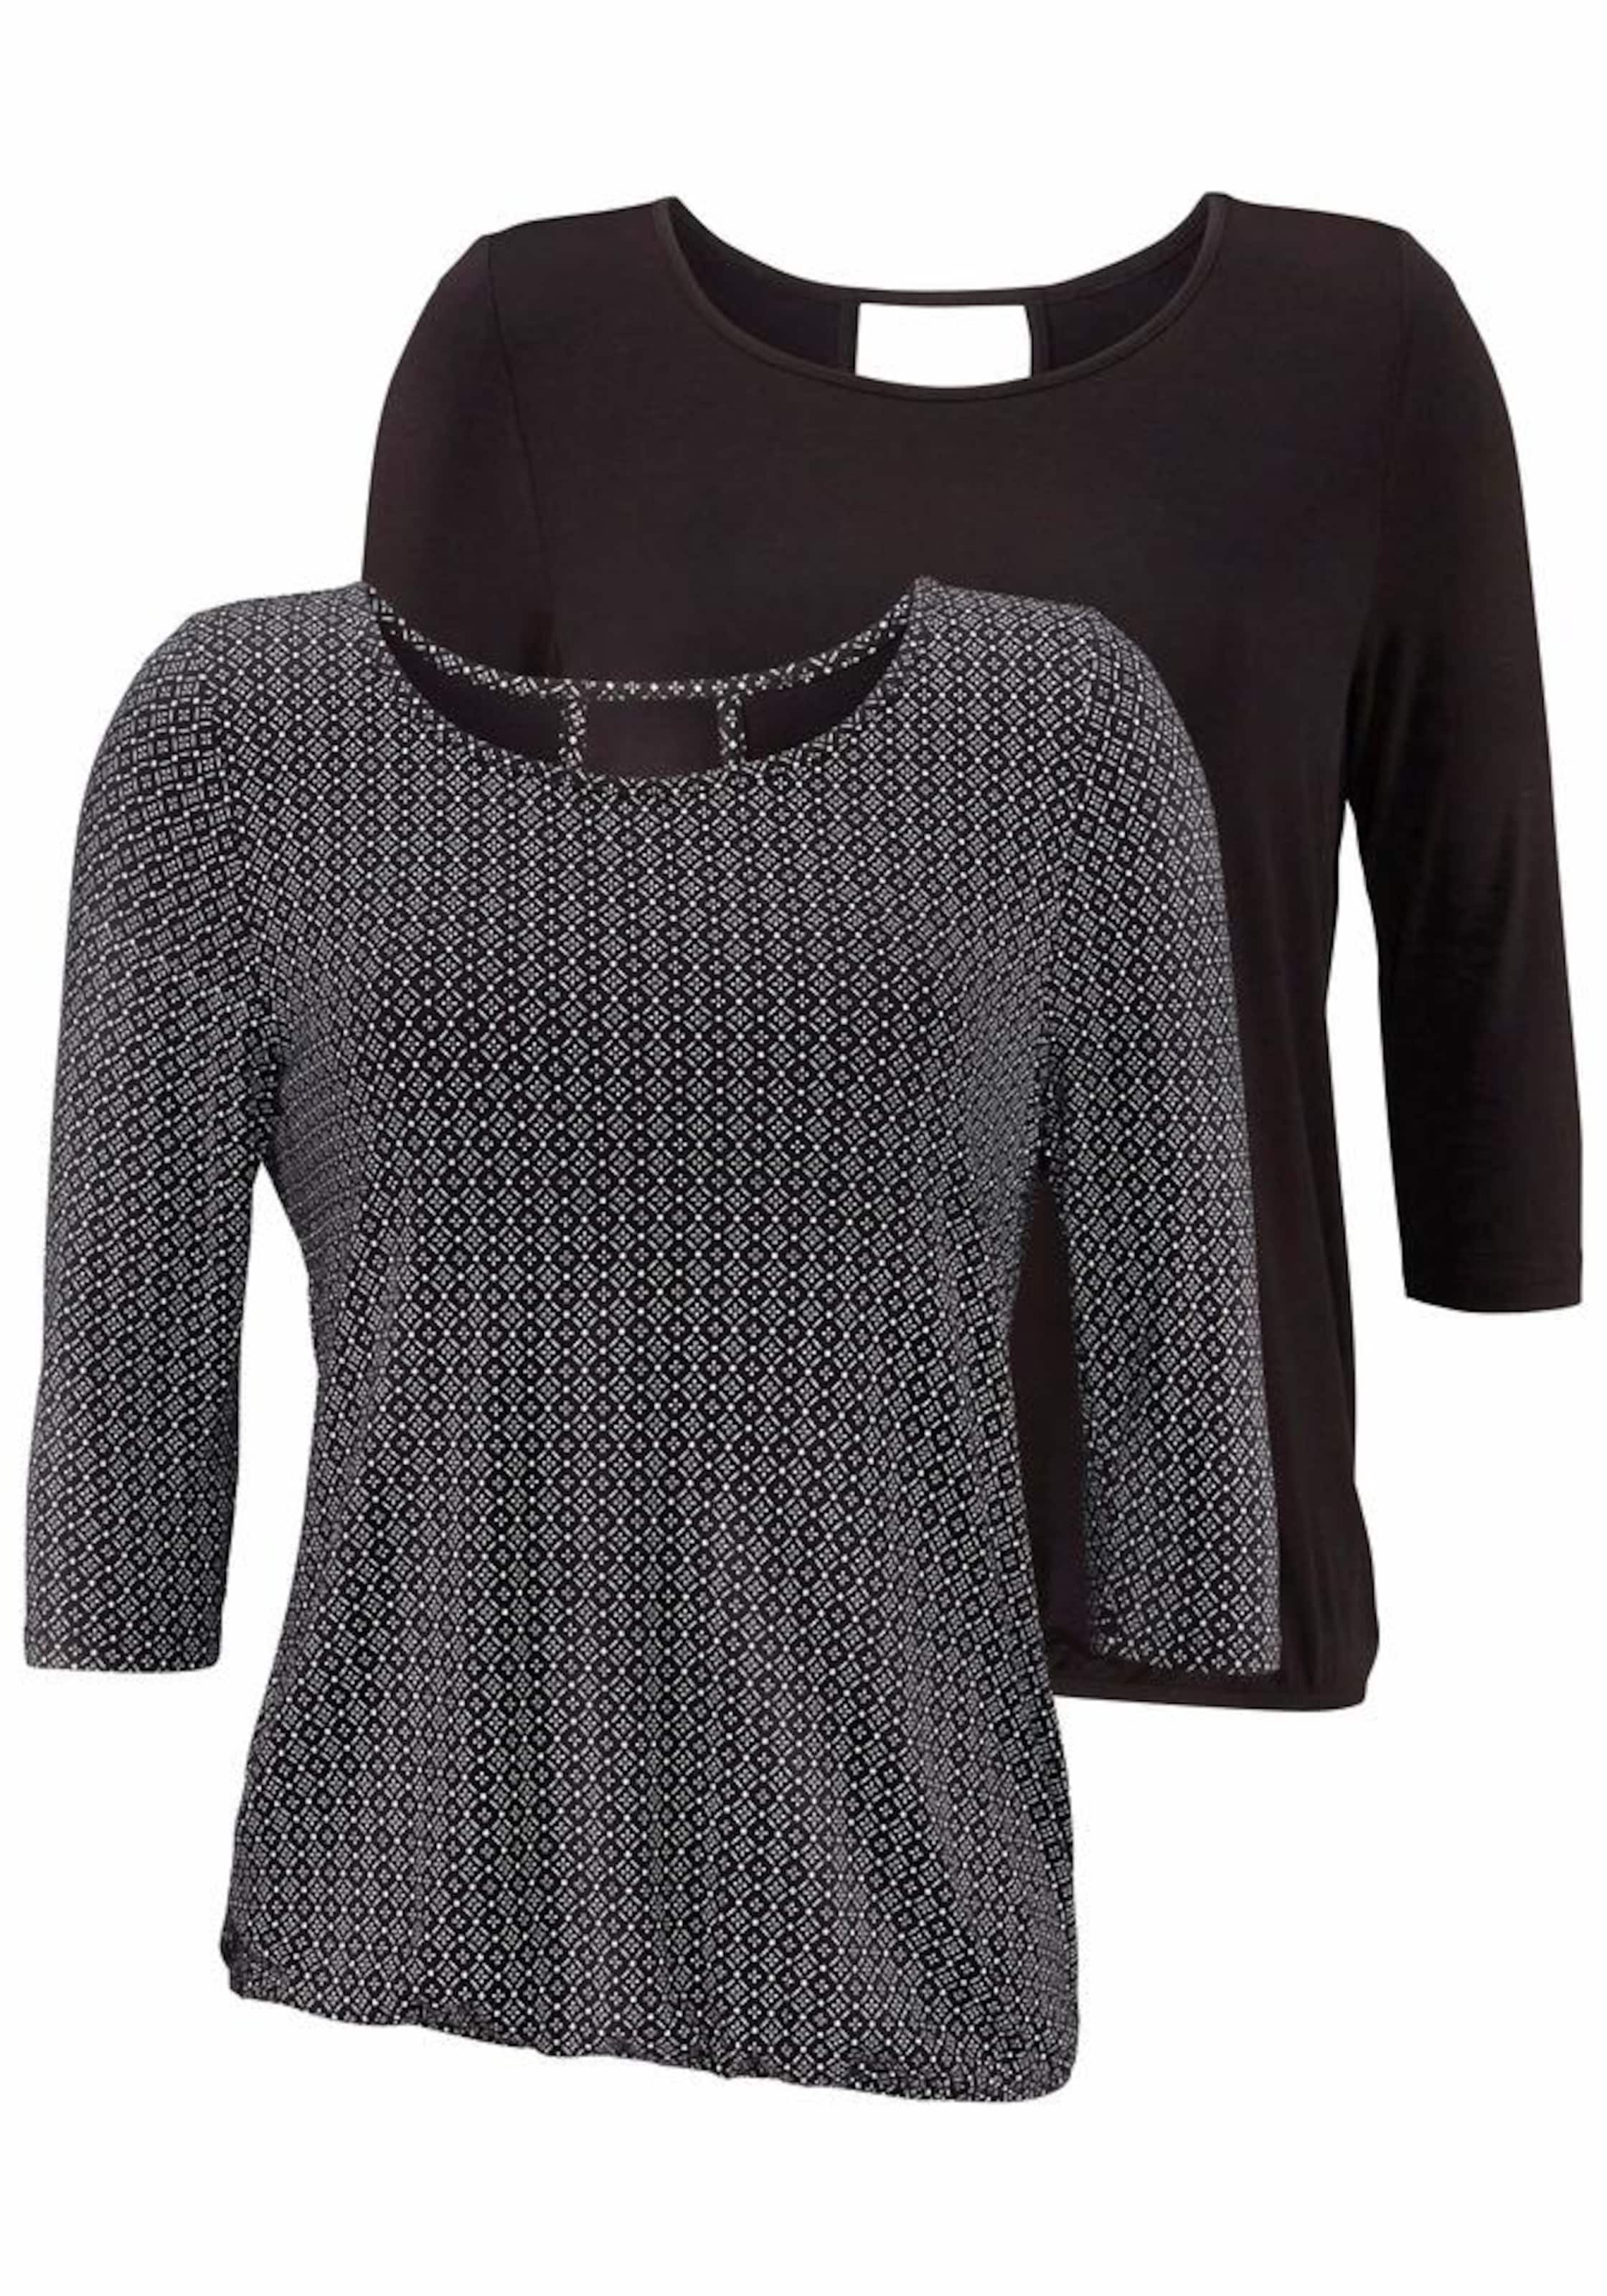 LASCANA ¾ Shirt (2 Stück) Freies Verschiffen Verkauf Günstig Kaufen Brandneue Unisex hdkOZSCaV